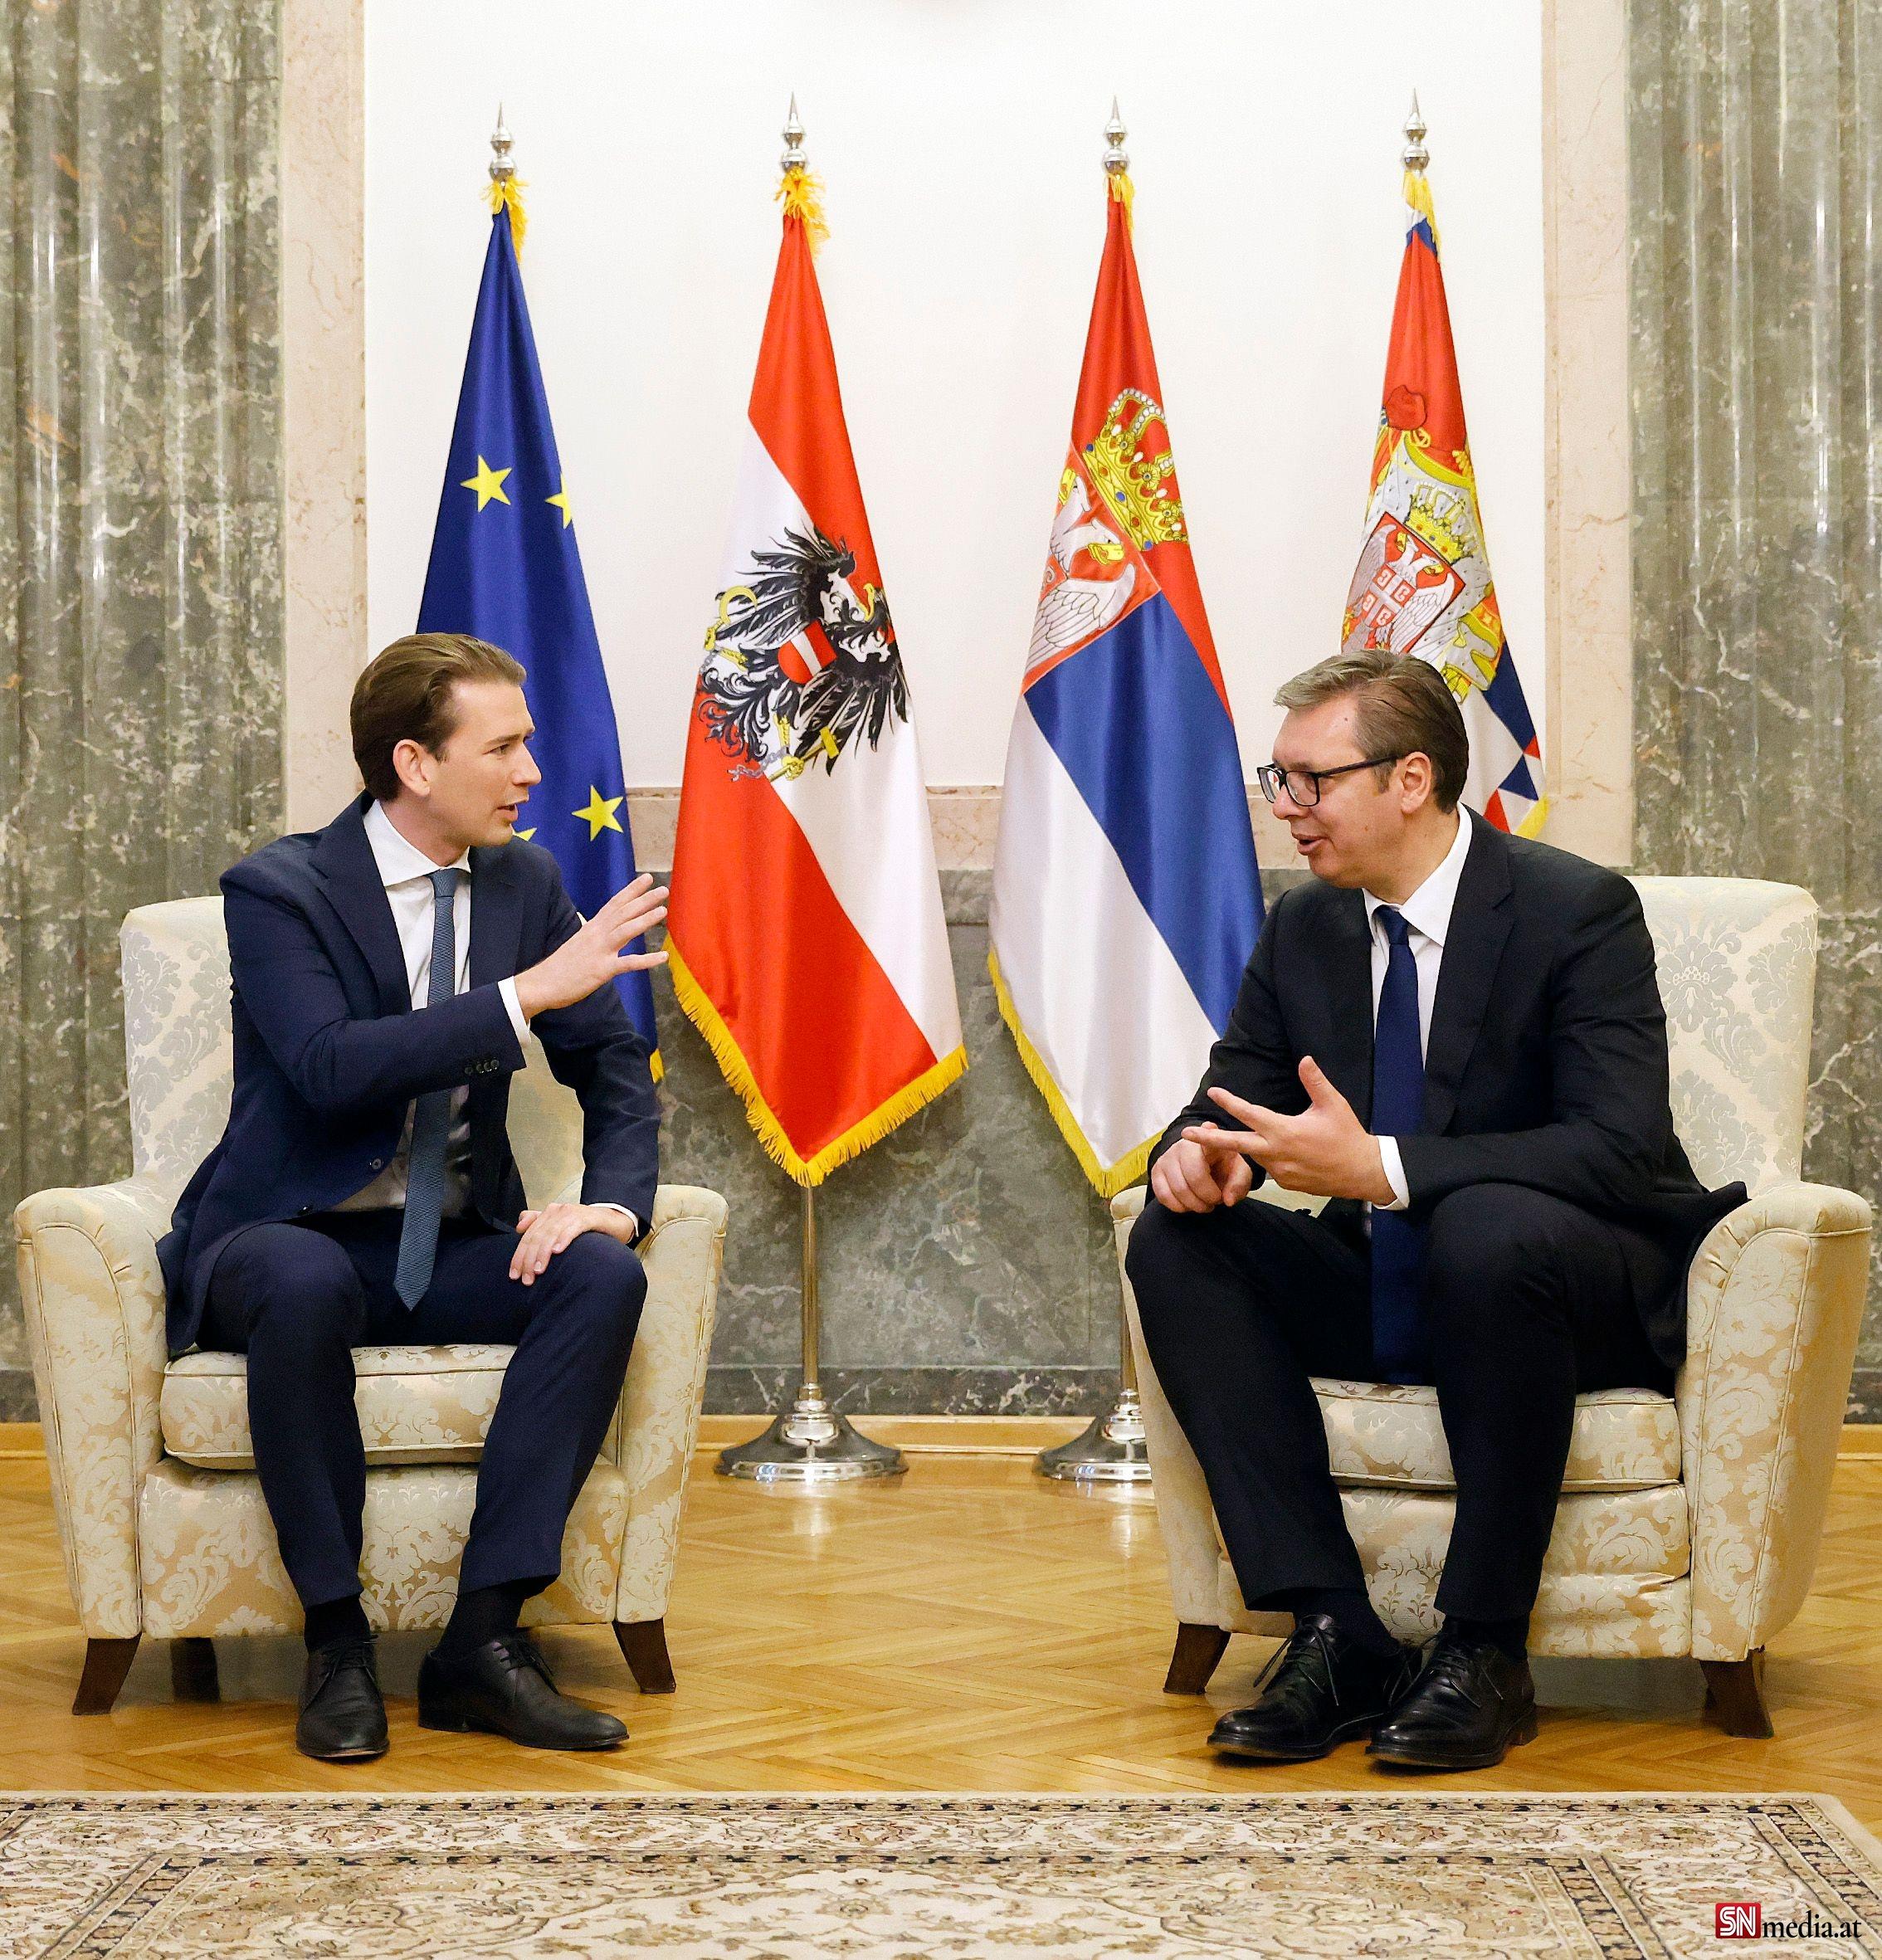 Avusturya ve Sırbistan, Afgan mültecilerin Avrupa'ya girişini durdurma konusunda hemfikir